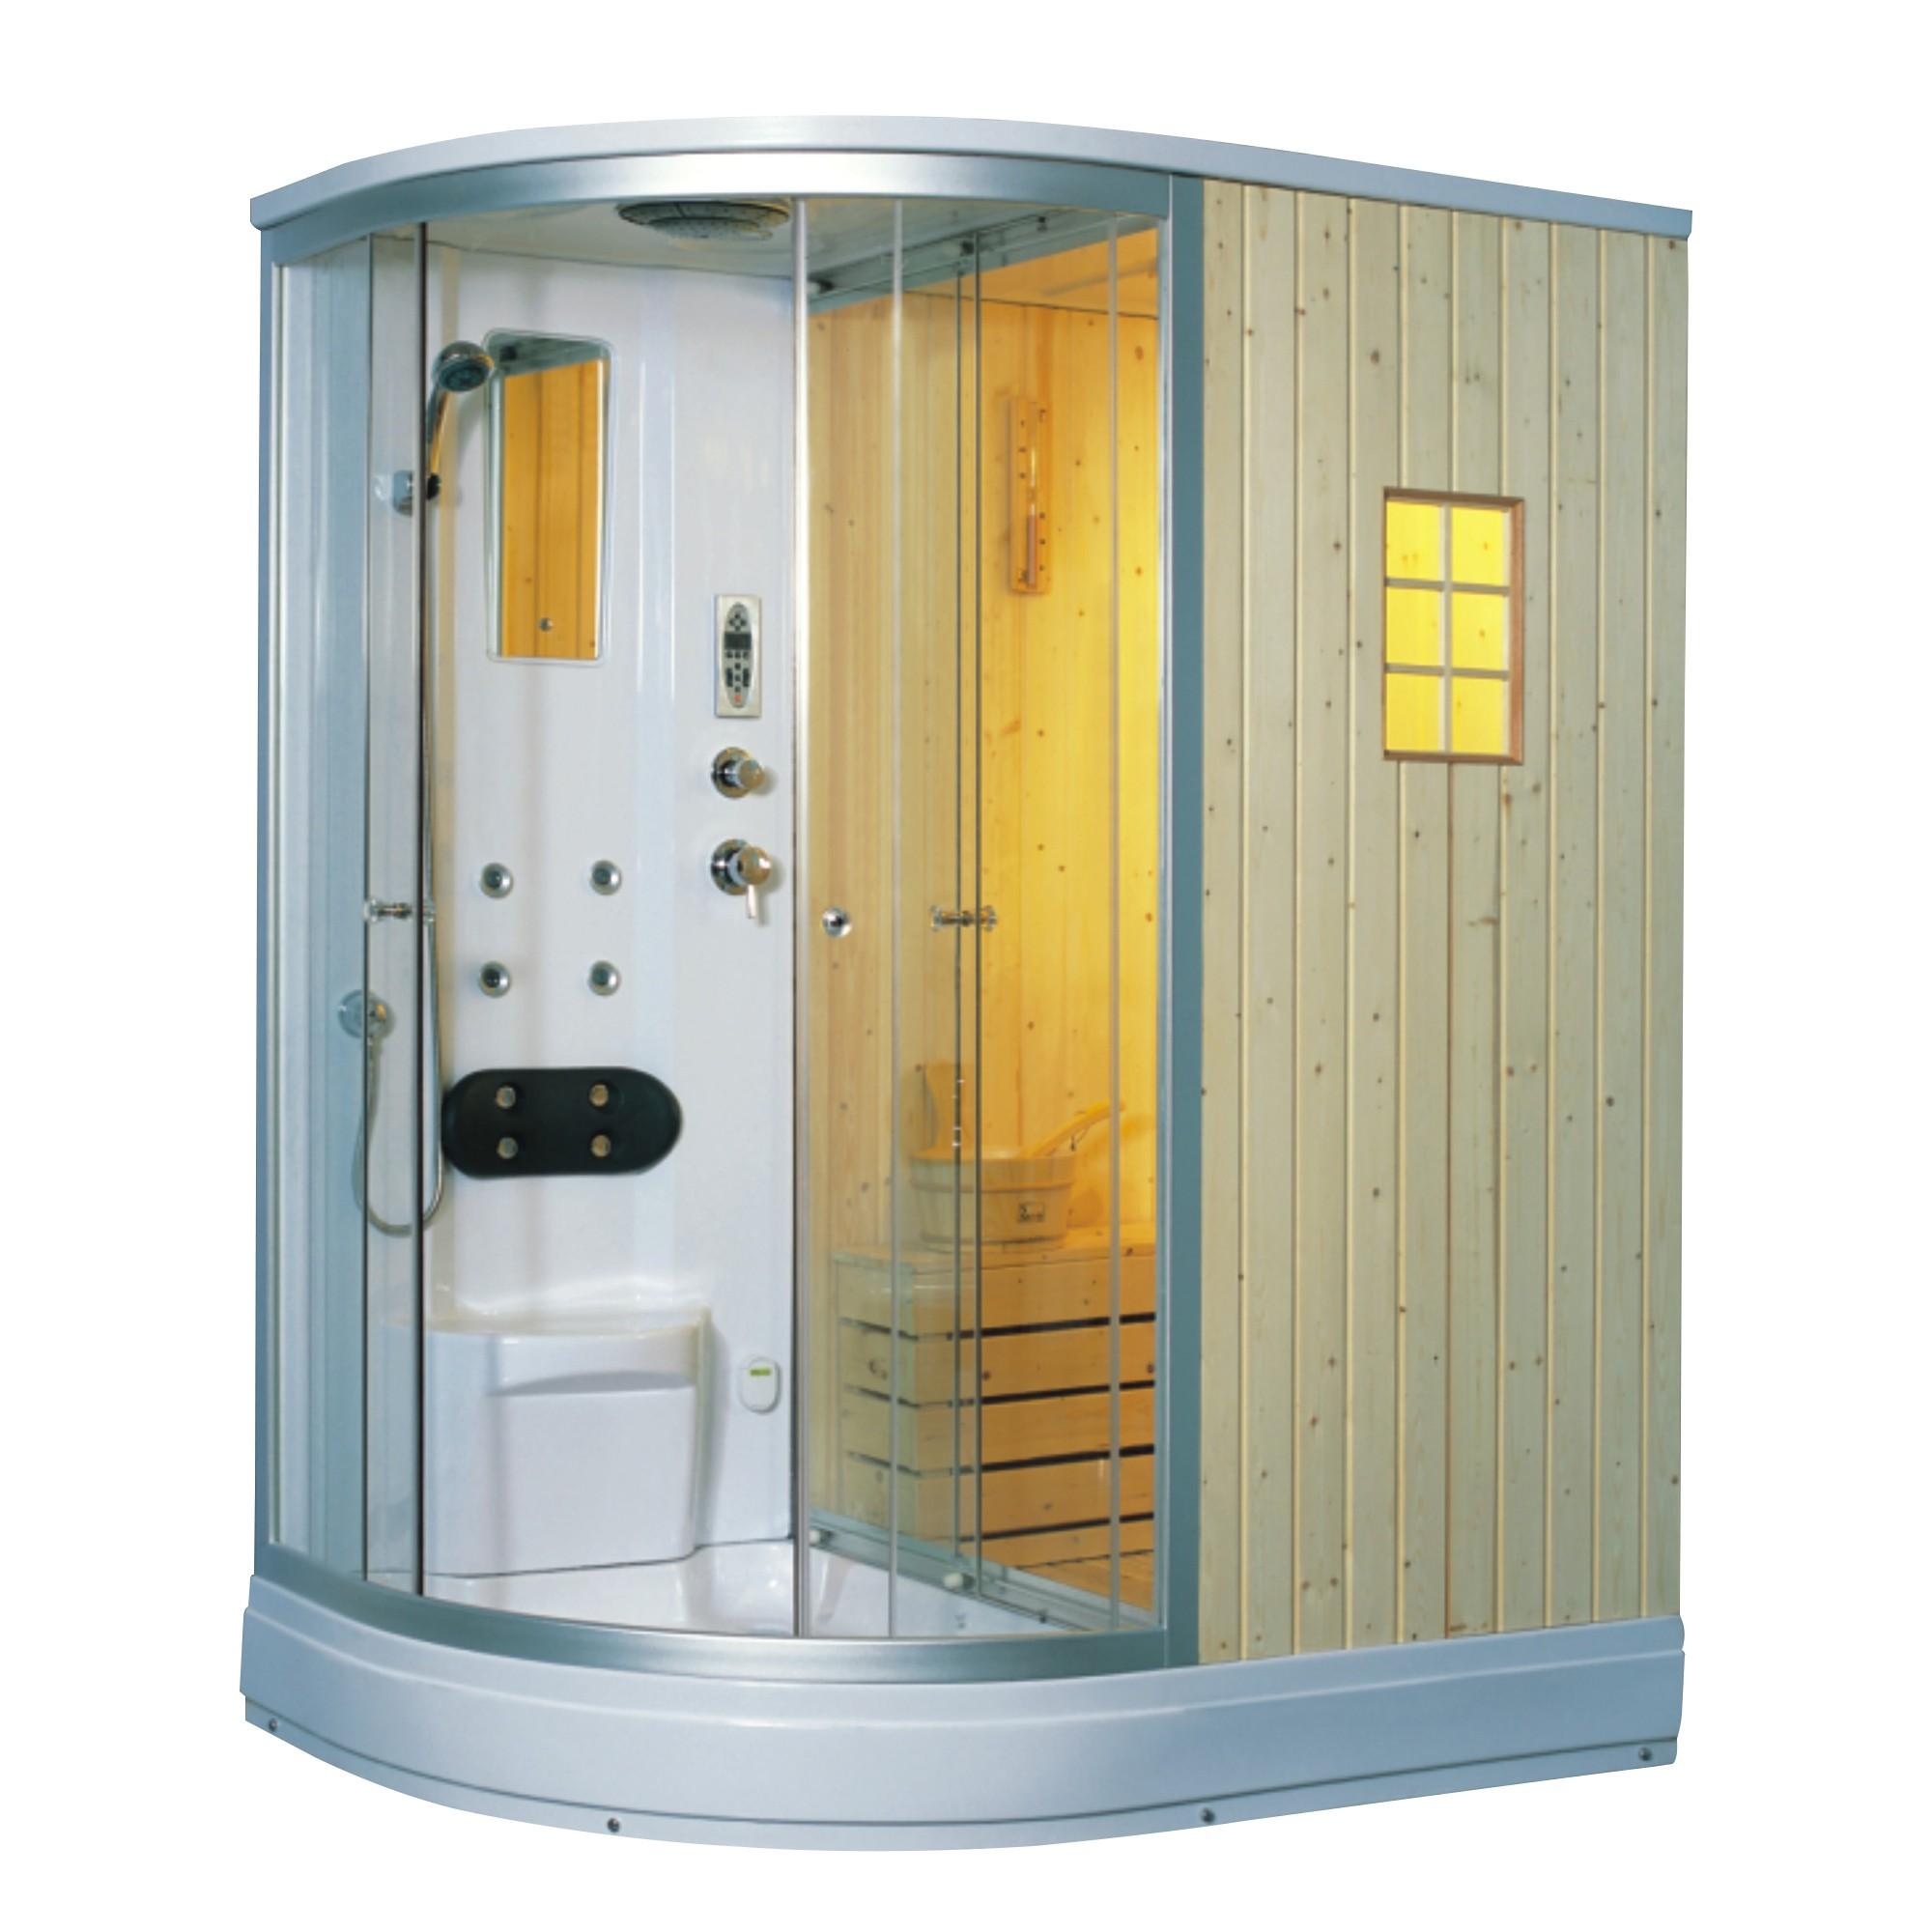 Cabina Dus Pret Praktiker.Dedeman Cabina Dus Cu Sauna Ans 529 Pe Dreapta 110 X 170 X 219 Cm Dedicat Planurilor Tale